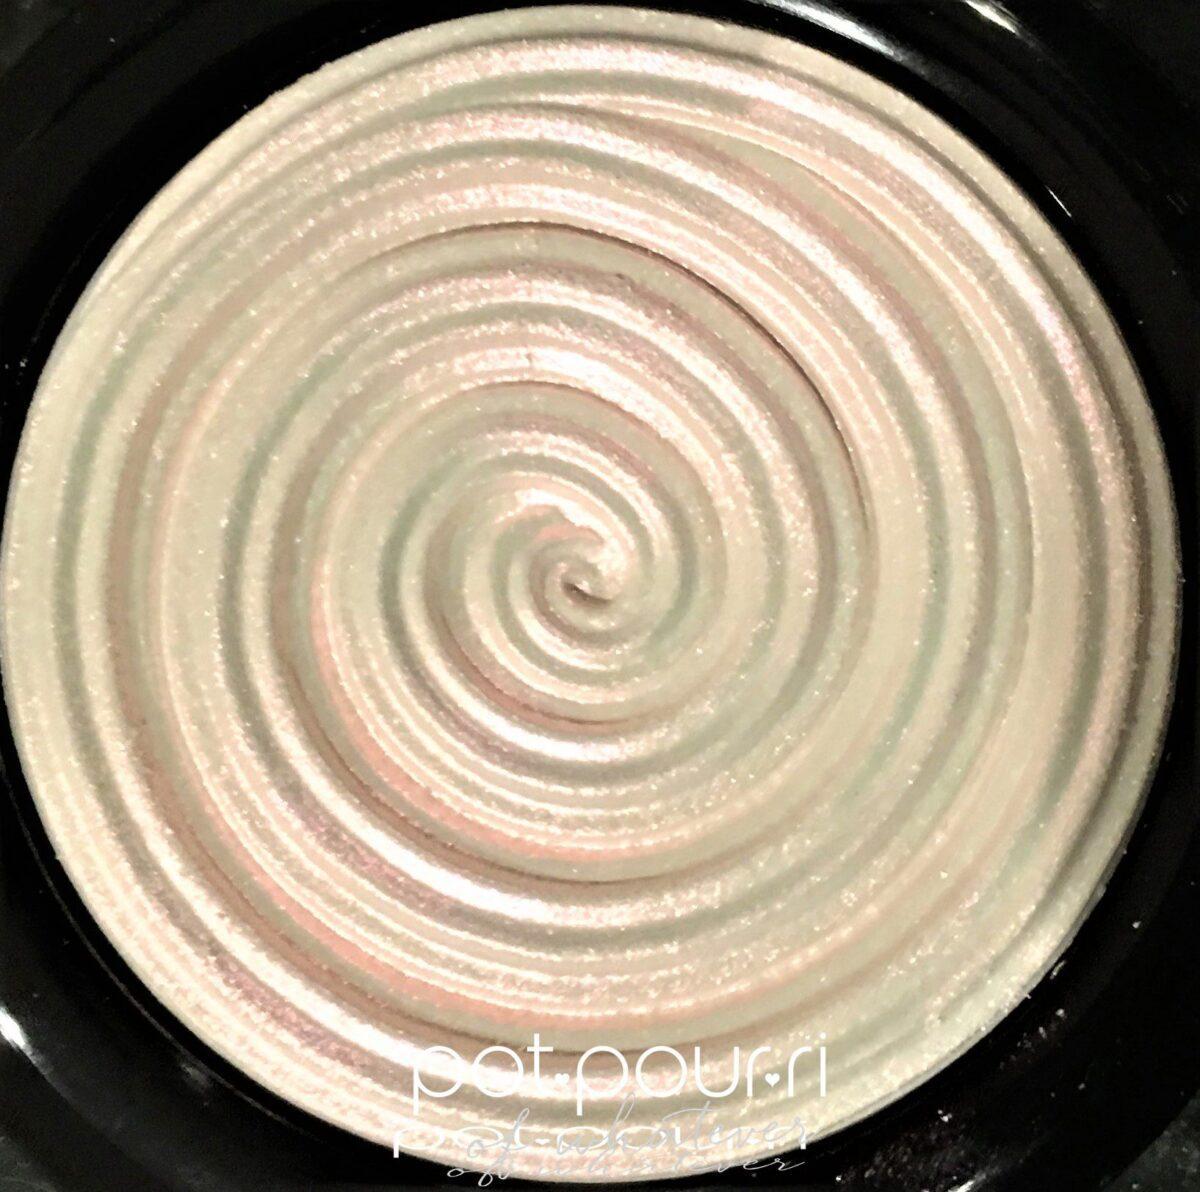 baked gelato swirl diamond dust